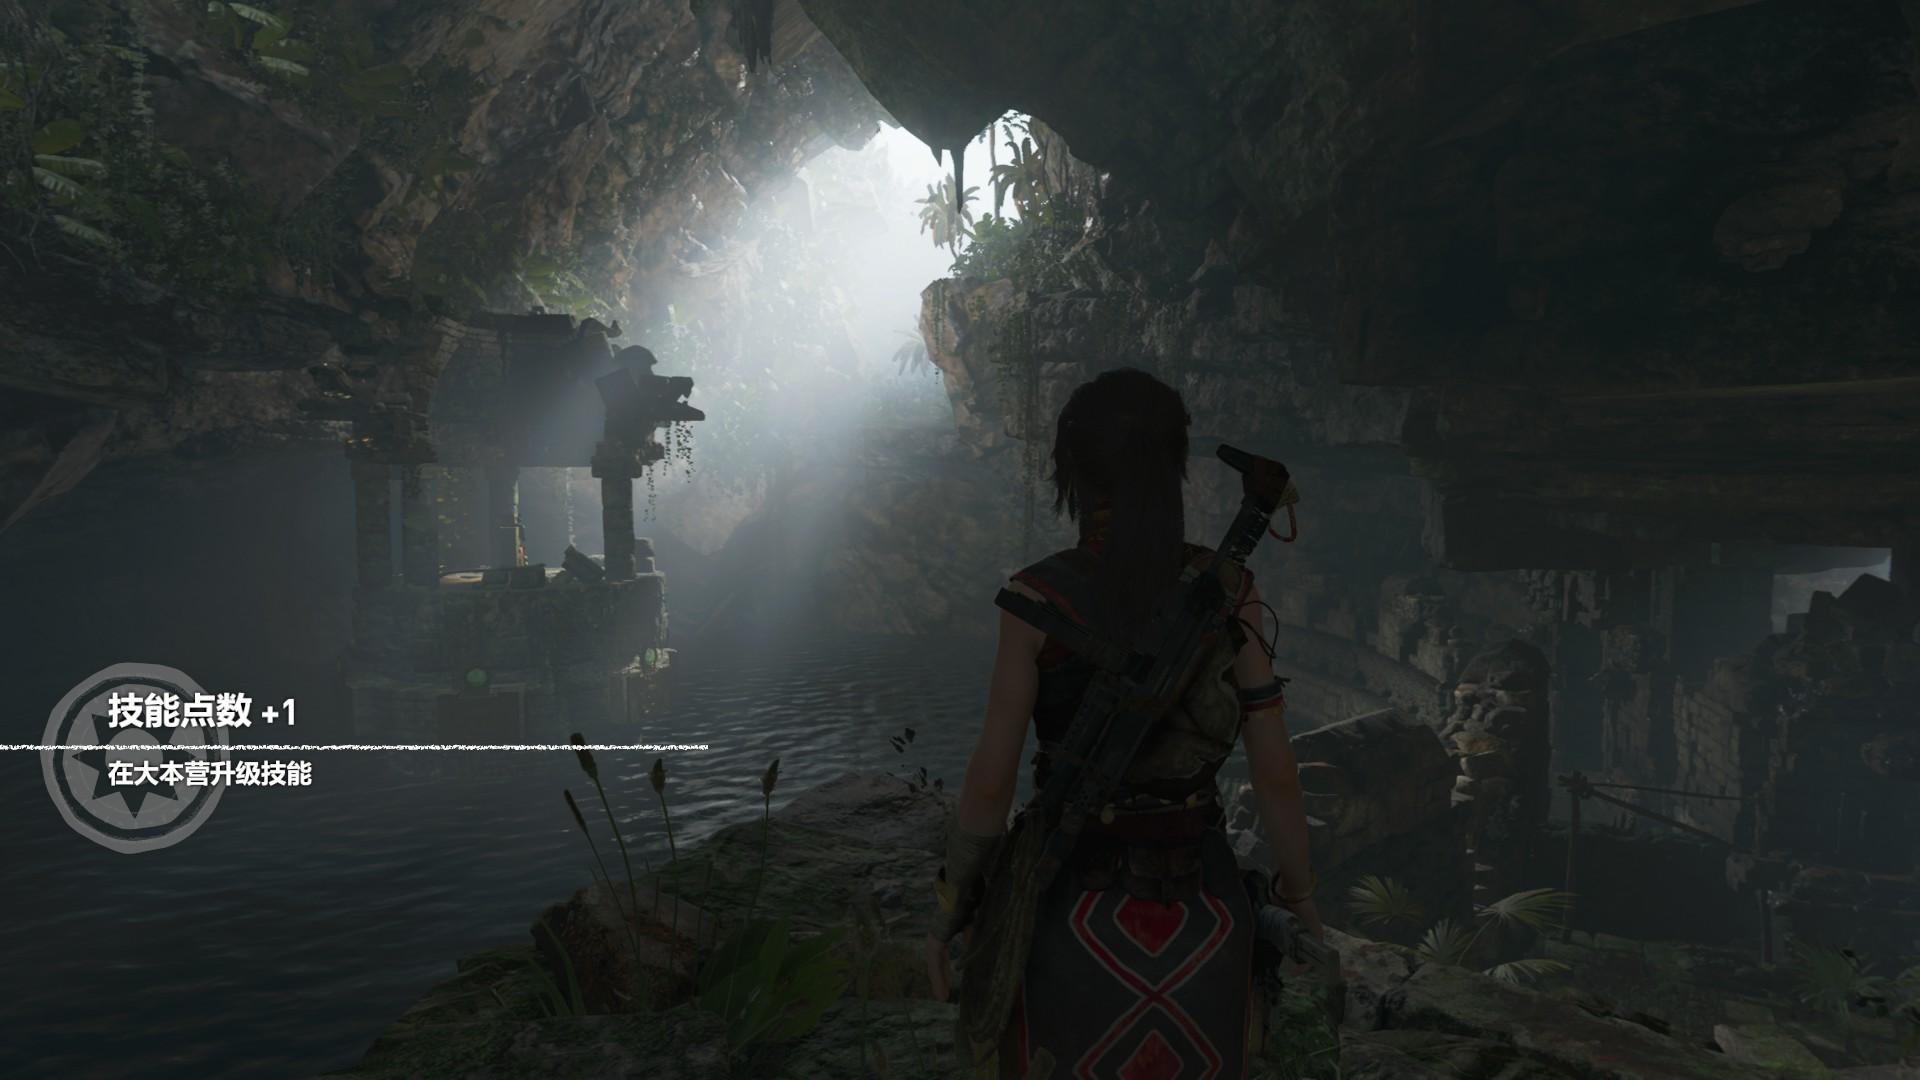 《古墓丽影:暗影》最新DLC蛇心完成攻略